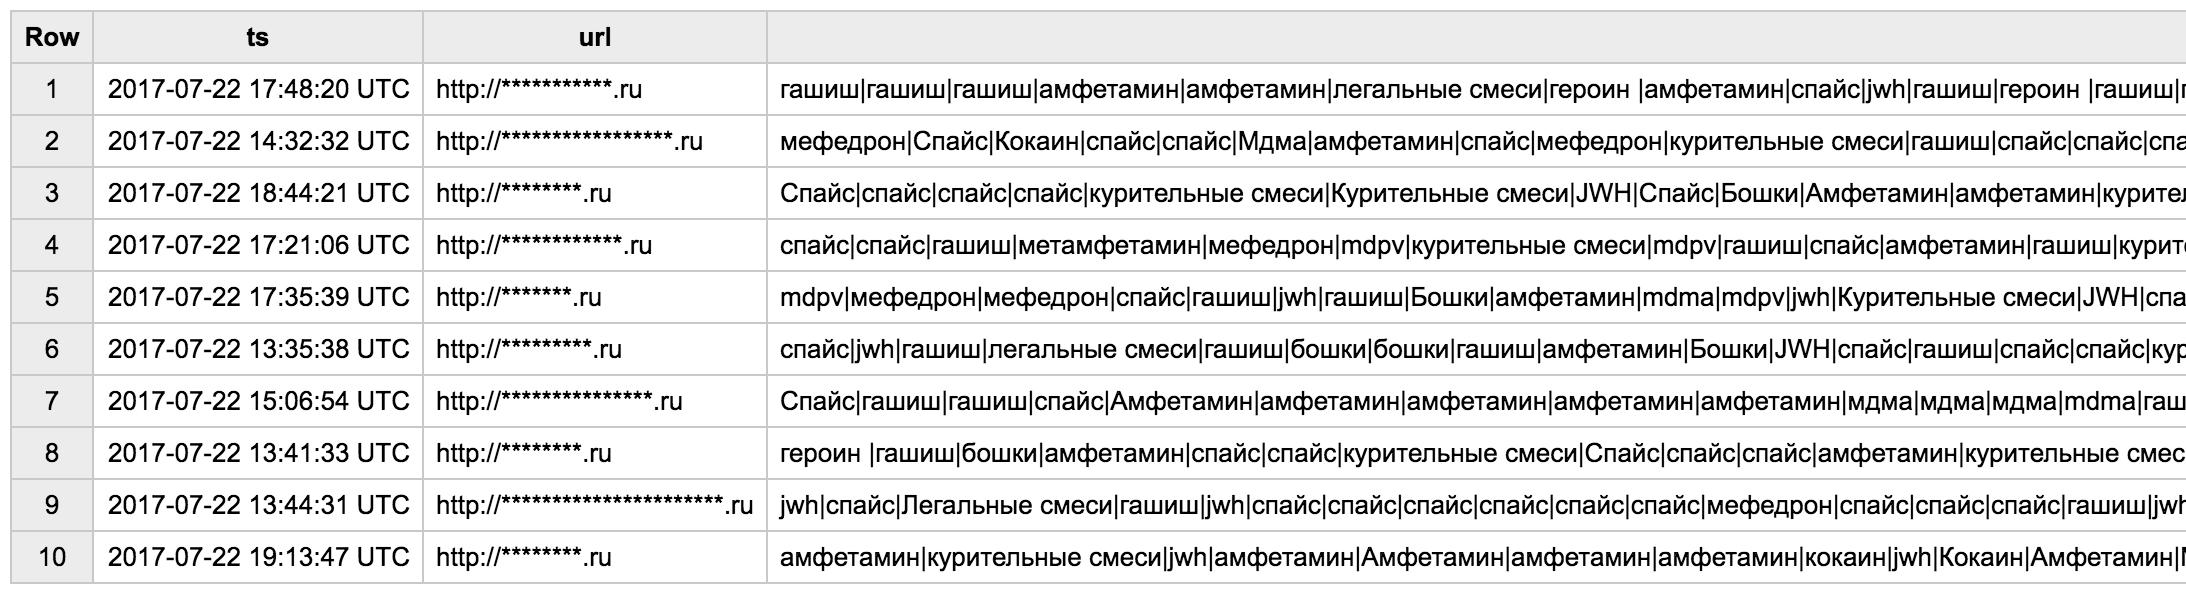 Как мы изгоняли наркоторговцев из рунета - 5